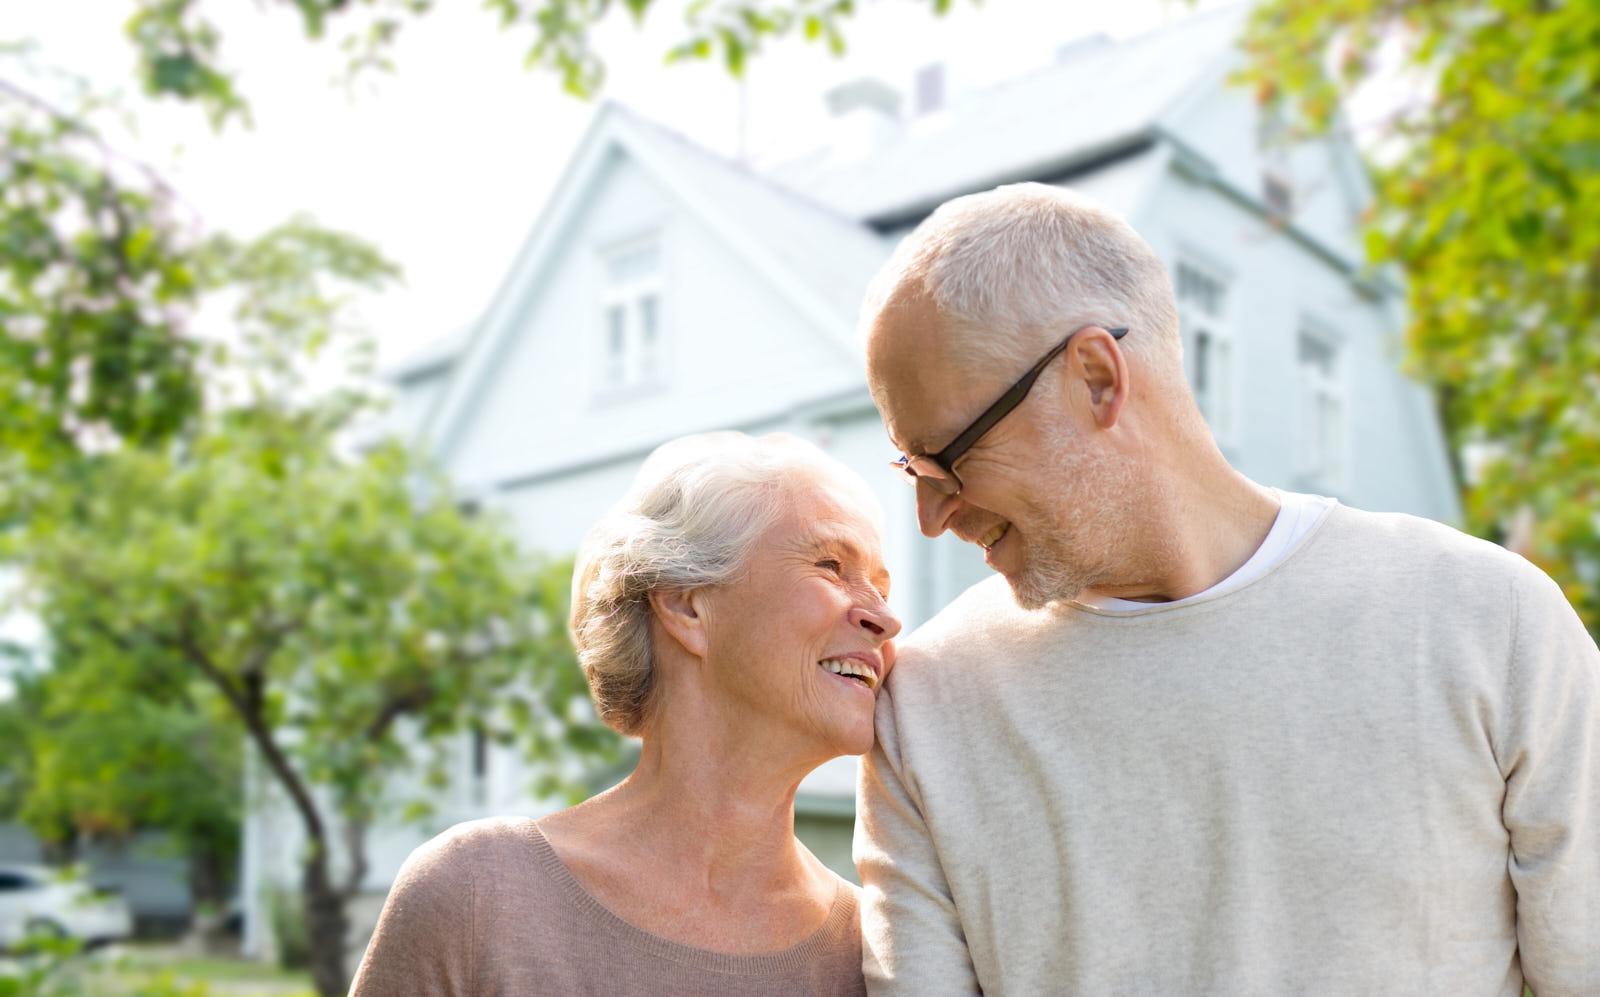 Bemerode, Privatkunden, Ruhestandsplanung, Versicherungsmakler, Risikolebensversicherung, Finanzdienstleister, Unternehmensberatung